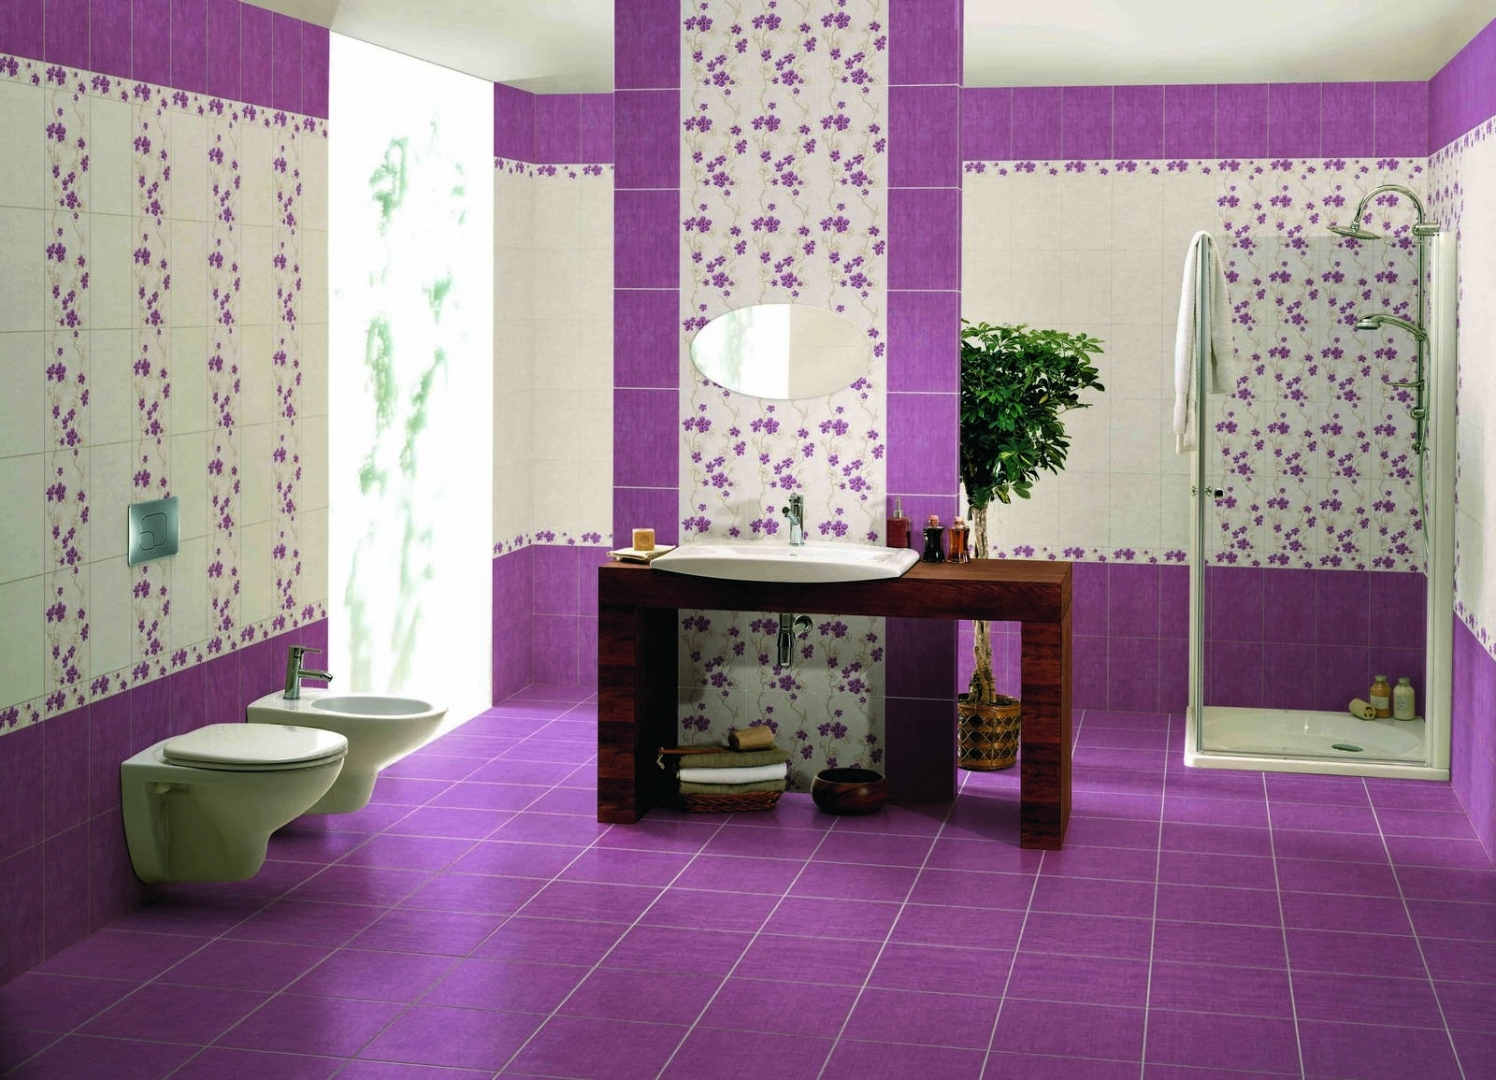 недорогой ремонт маленькой ванной комнаты своими руками фото